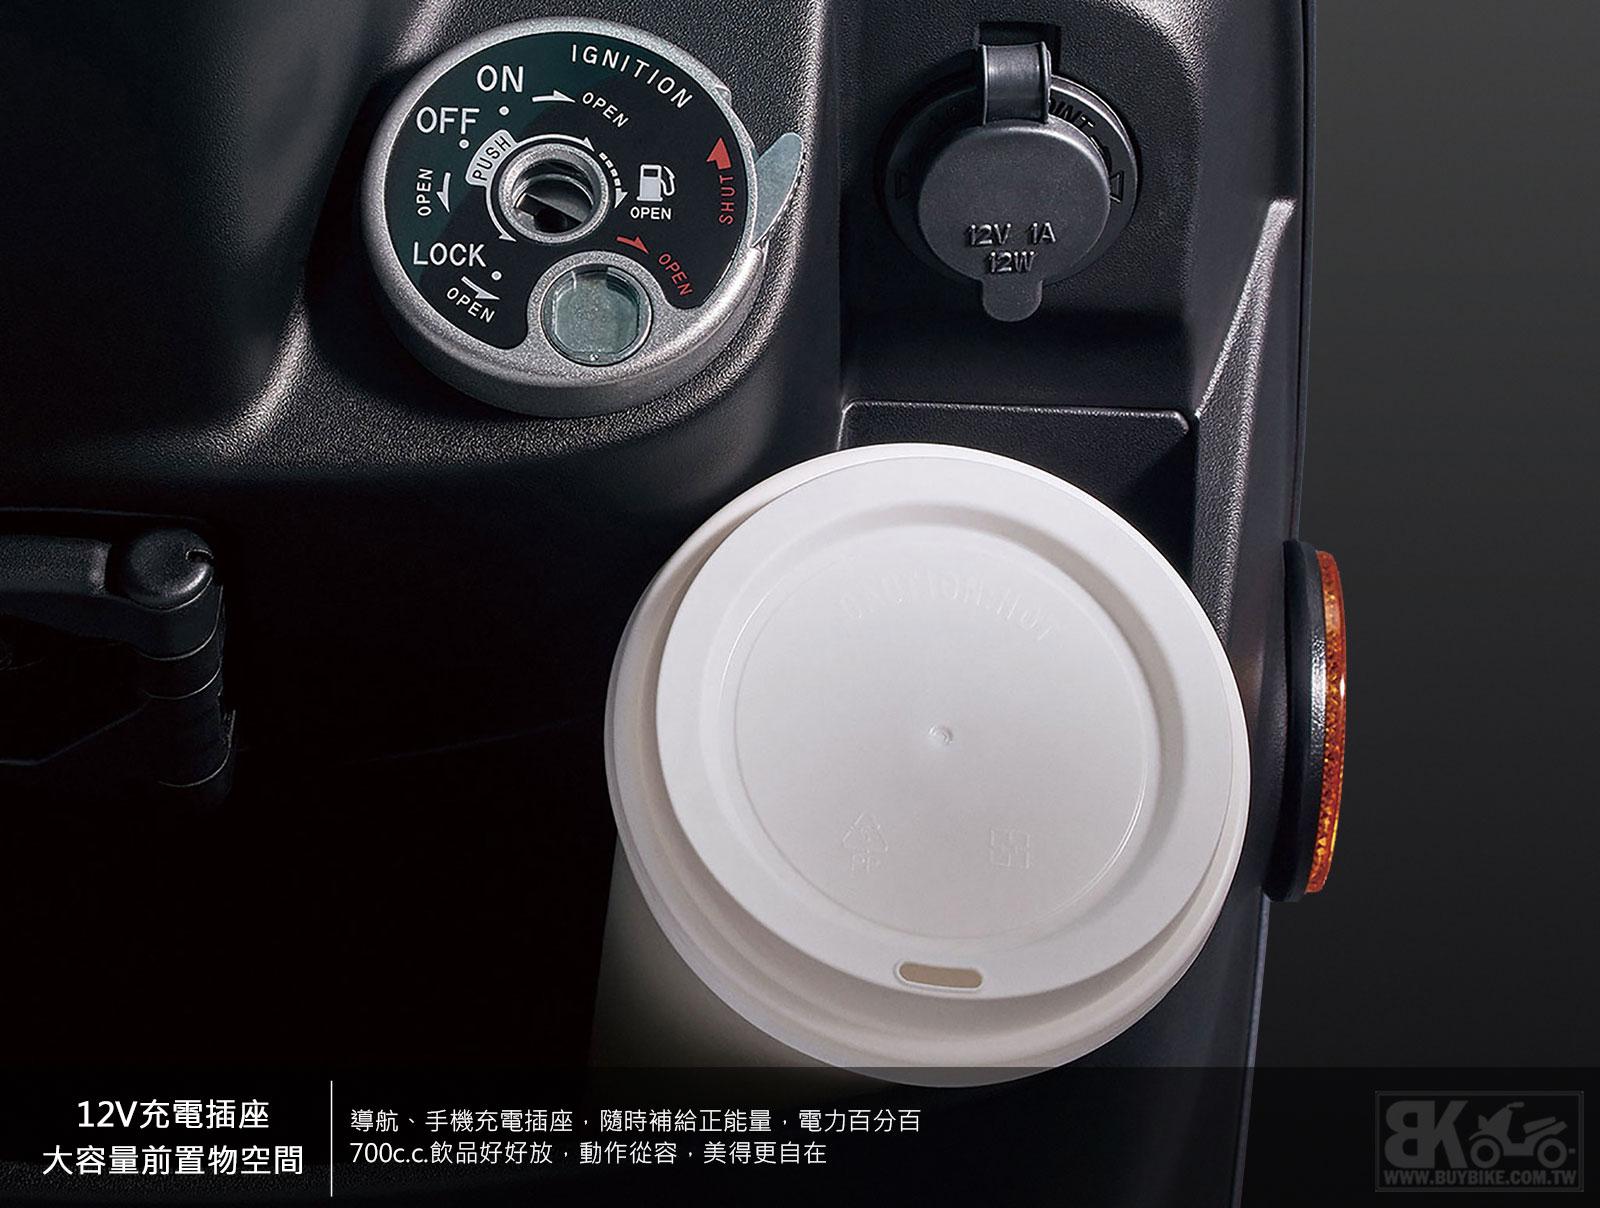 05.12V充電插座-◾大容量前置物空間